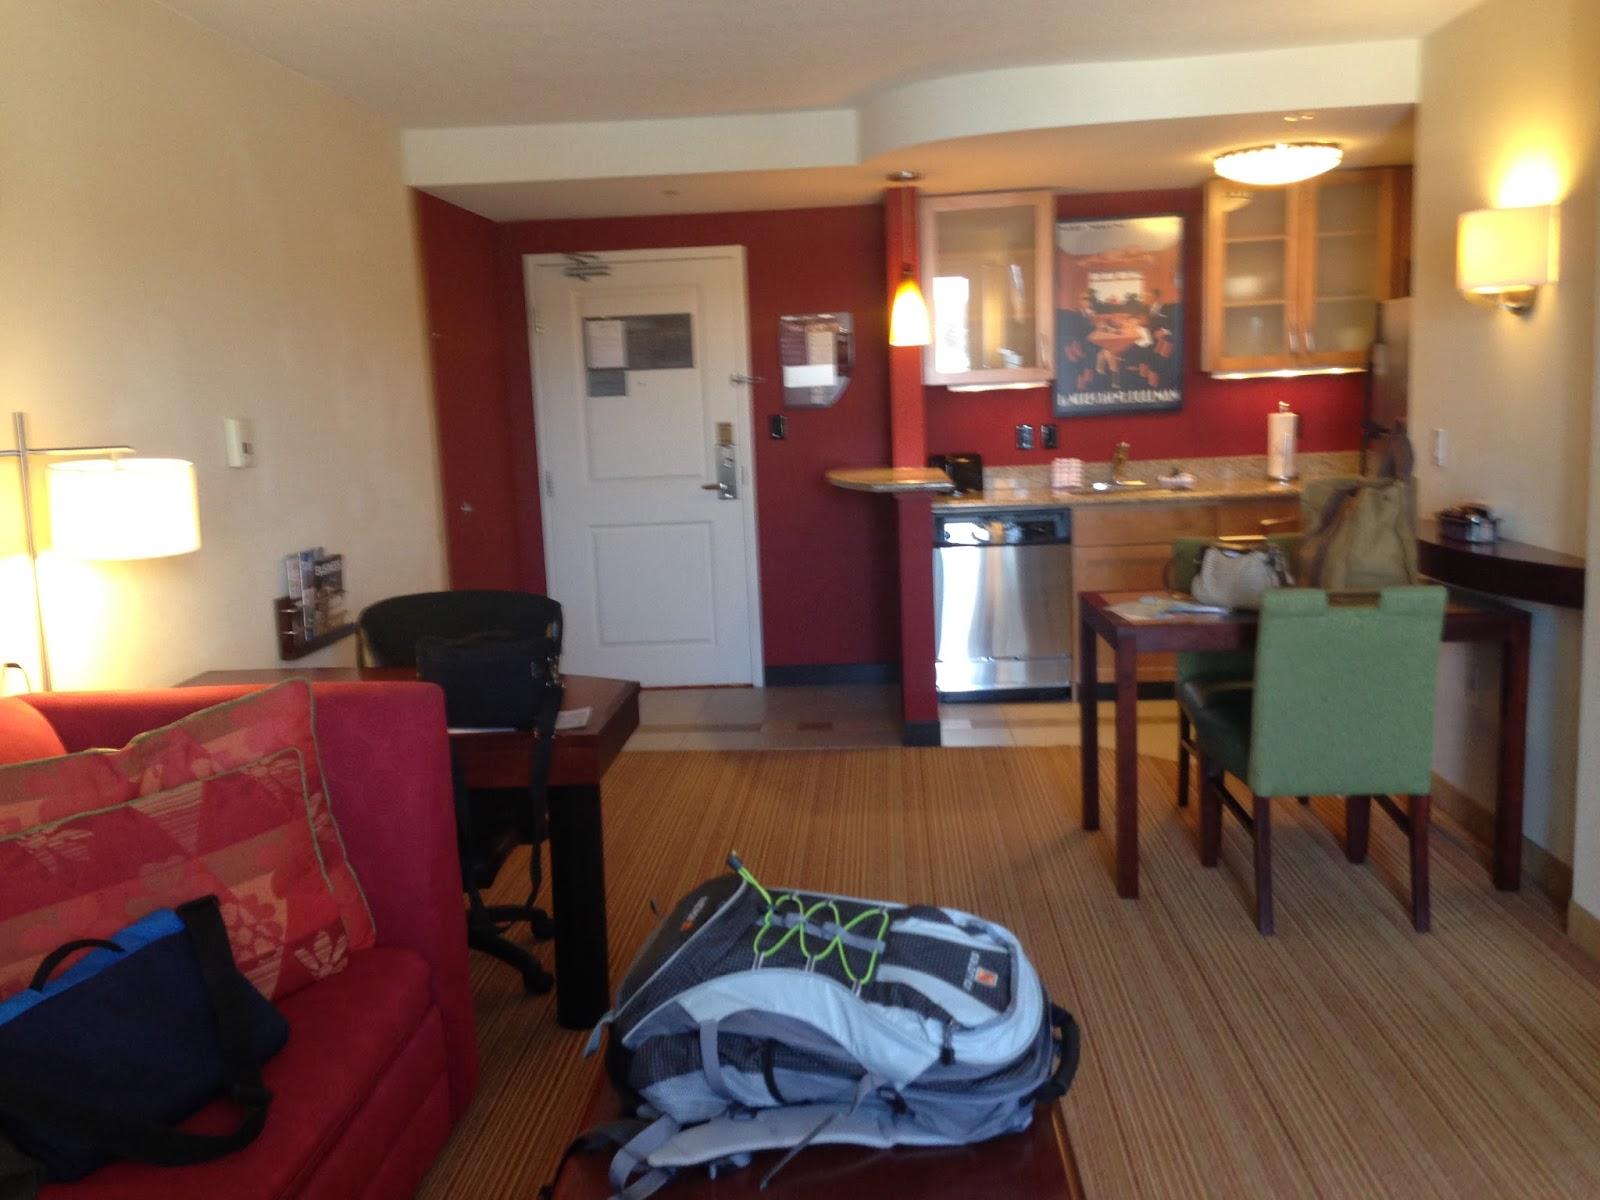 hotel review 61 residence inn gravenhurst muskoka febeth